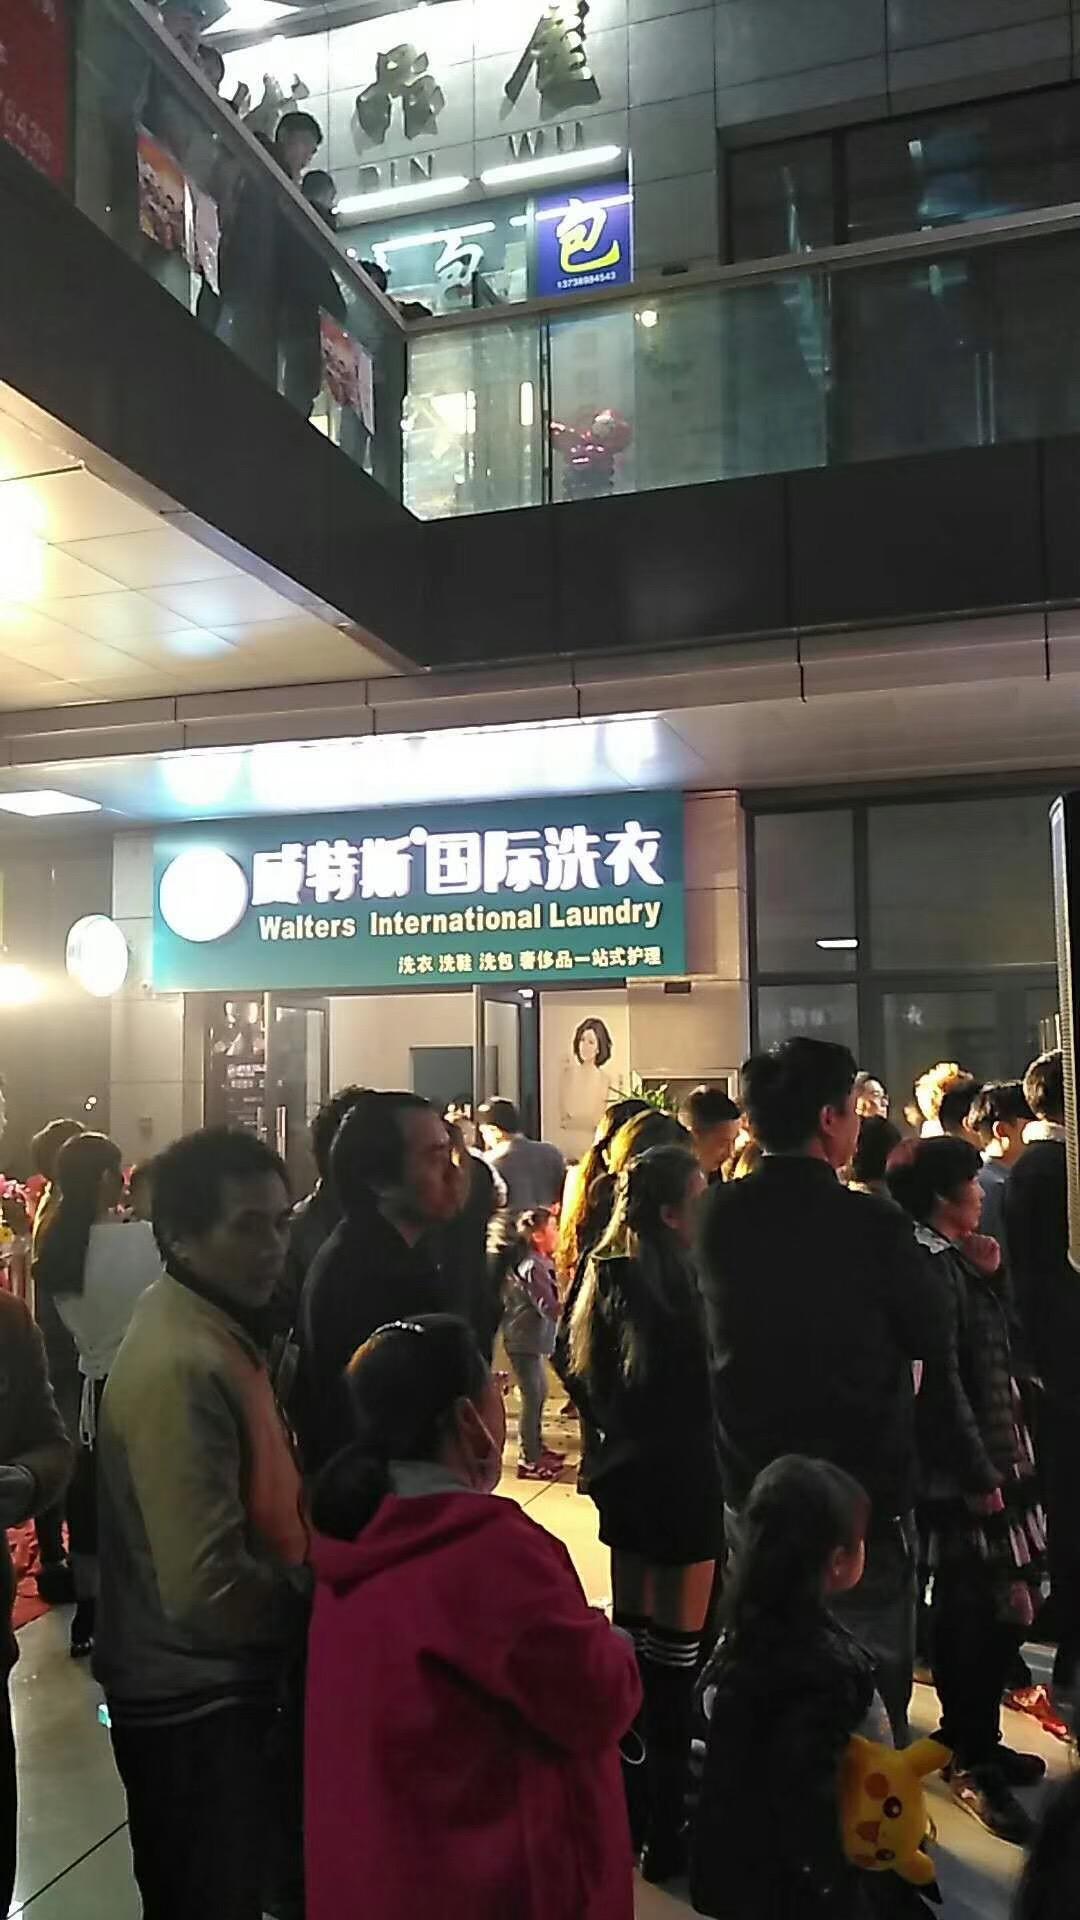 恭喜恭喜!夜幕下的浙江金华威特斯洗衣店盛大开业